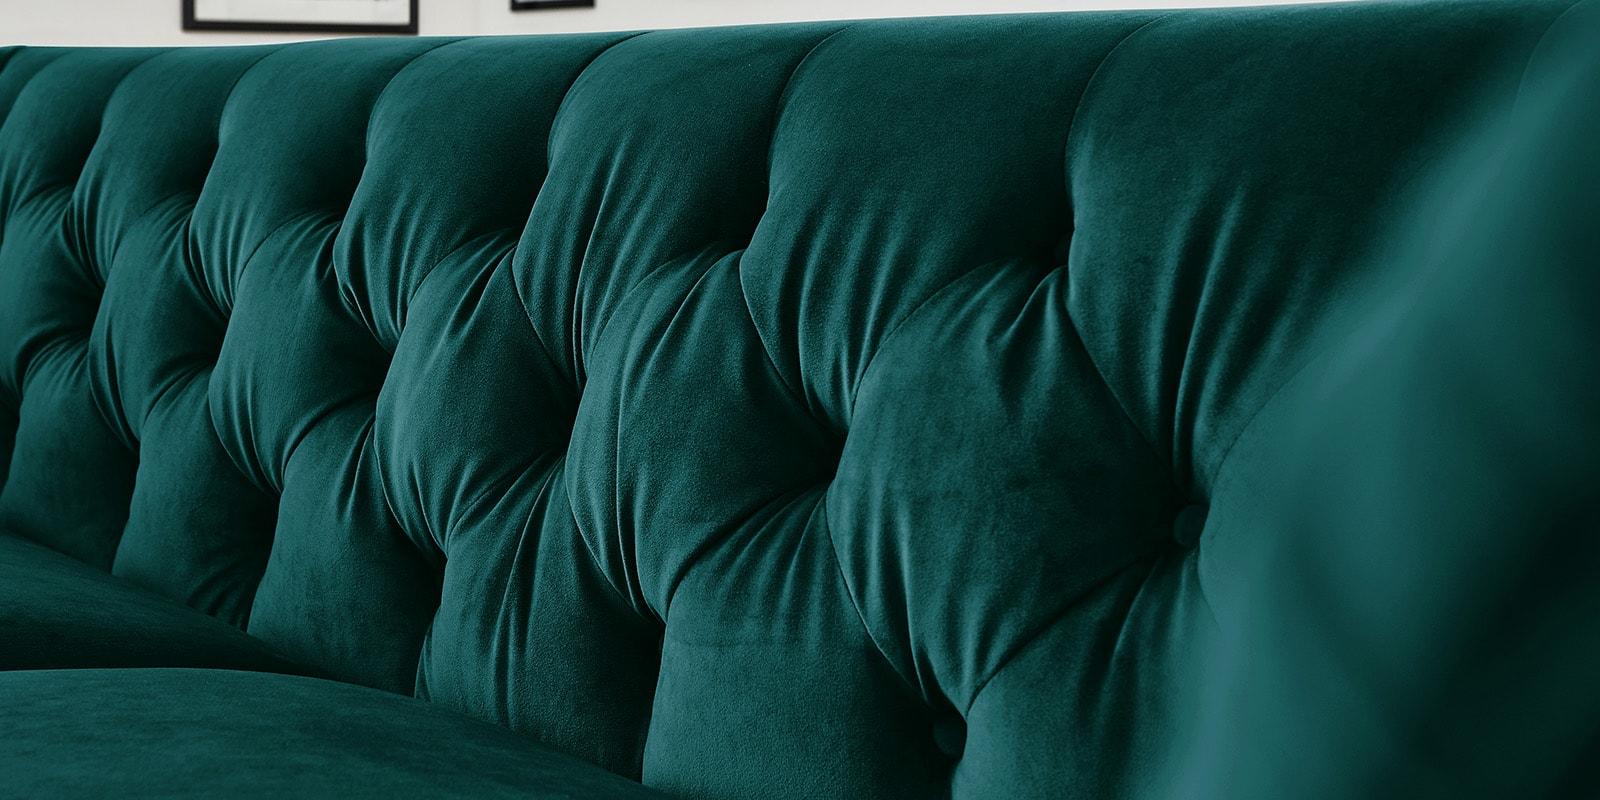 Moebella24 - 3-2-1-Sitzer - Sofa - Hudson - Chesterfield - Samt - Petrol - Dekorative - Nähte - und - Versteppungen - Knopfheftung - Detailaufnahme